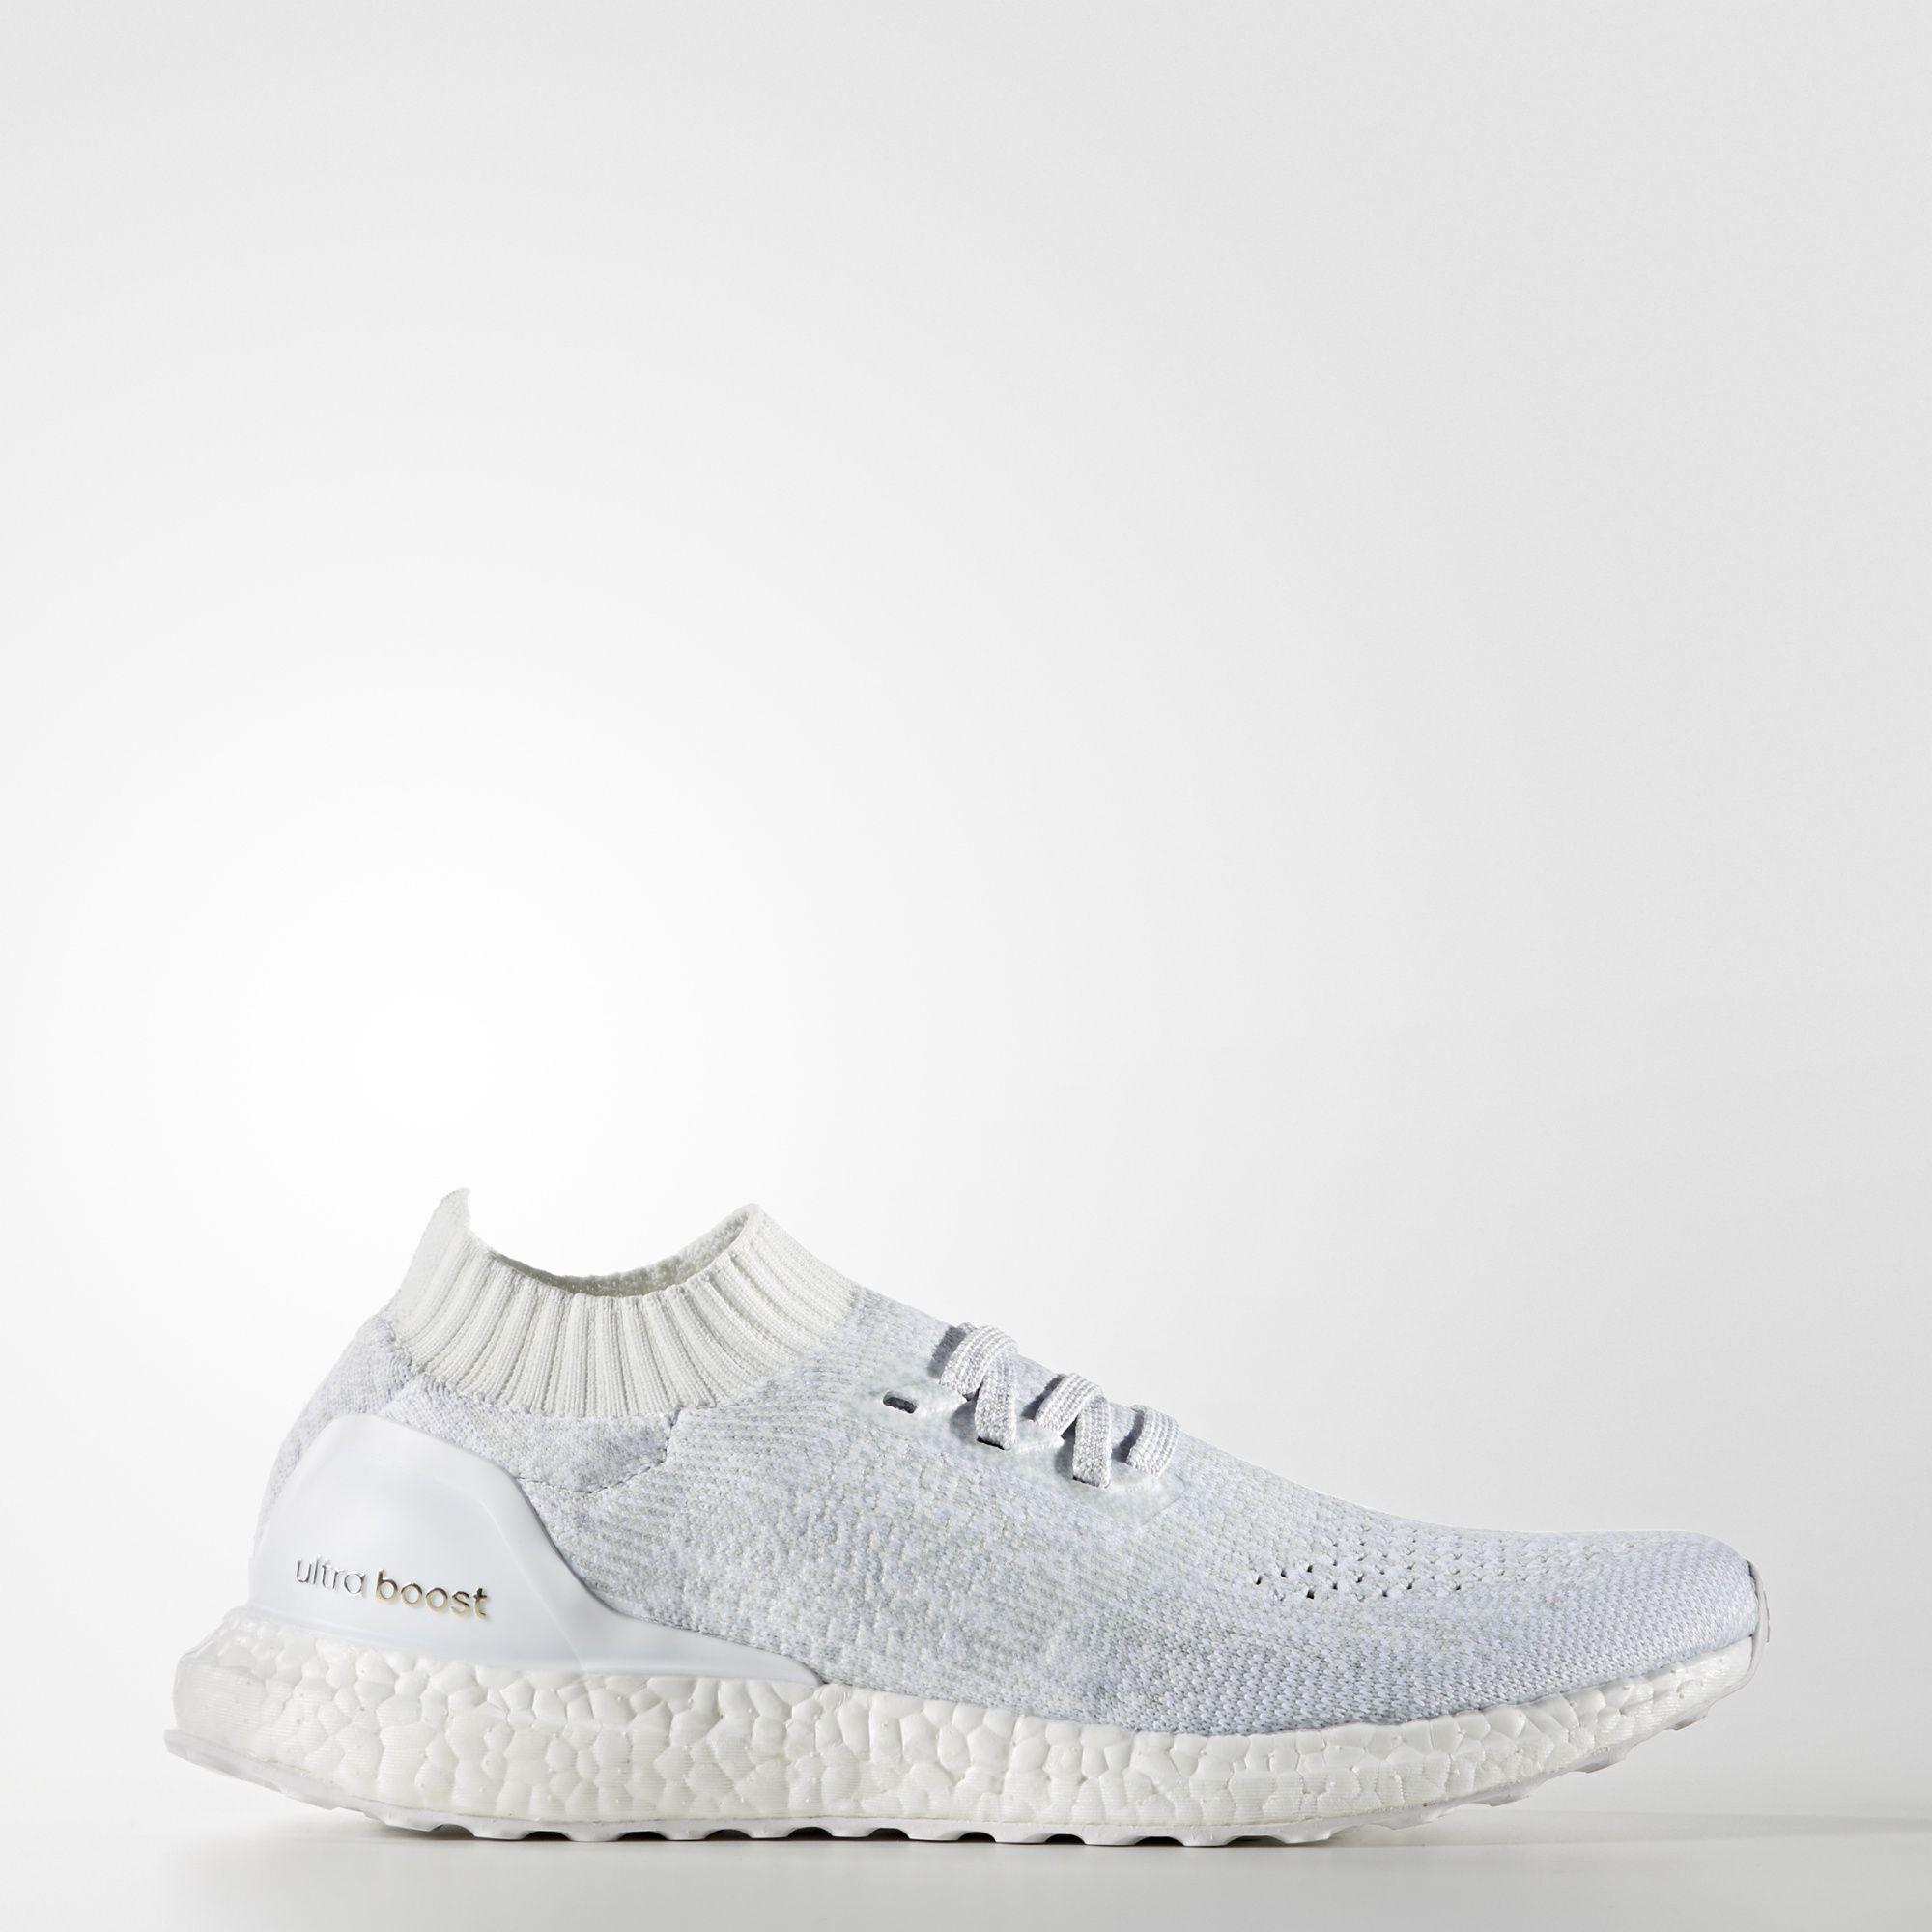 13 thiết kế giày thể thao trắng đáng chú ý nhất hiện nay